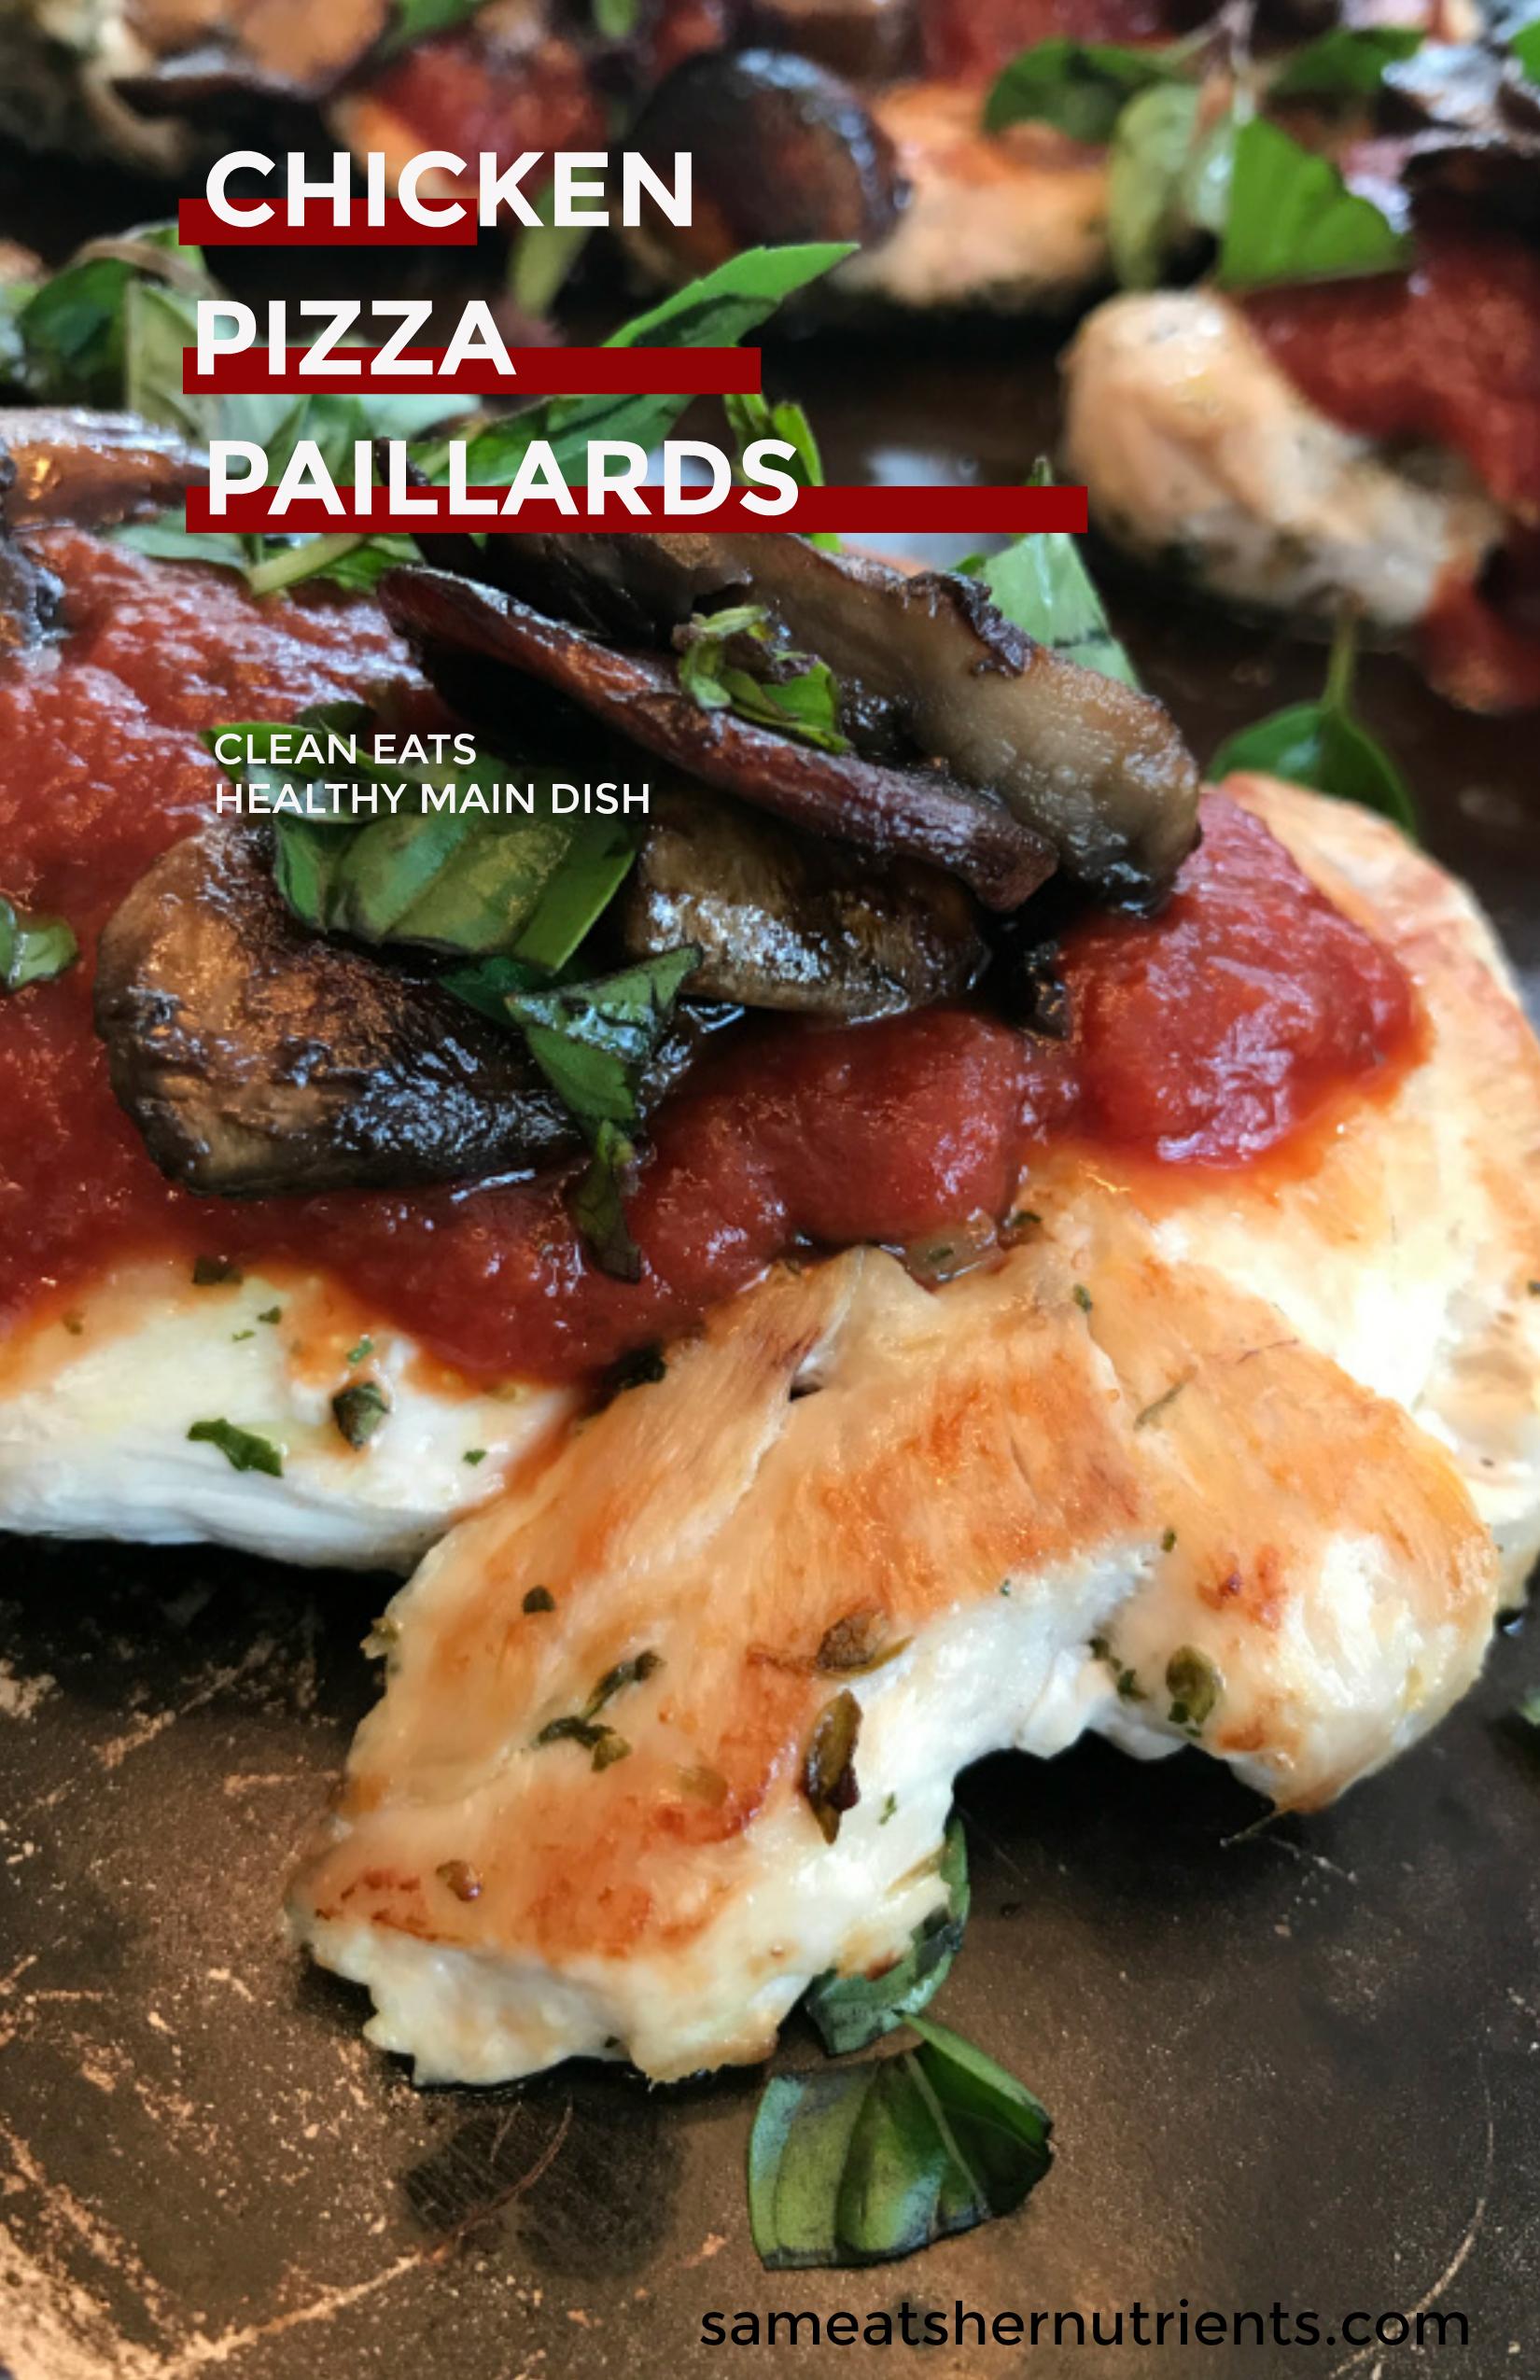 Chicken Pizza Paillards